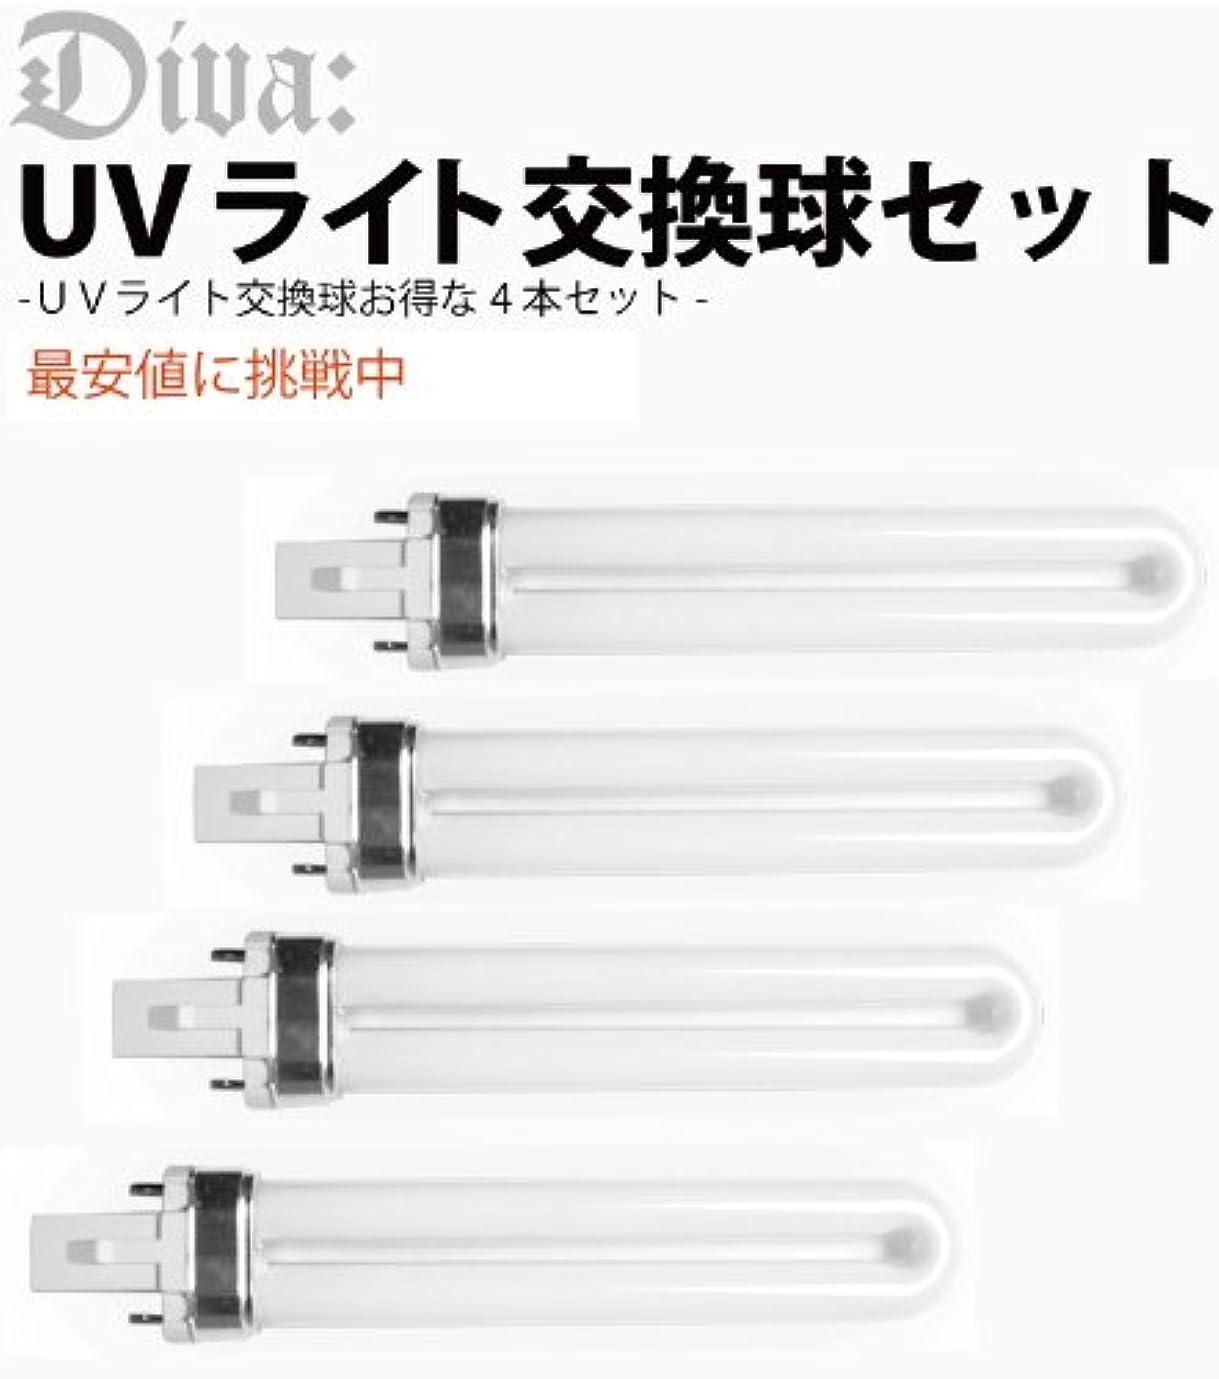 稼ぐ修正作成者UVライト36W 交換ライト ランプ 4本セット